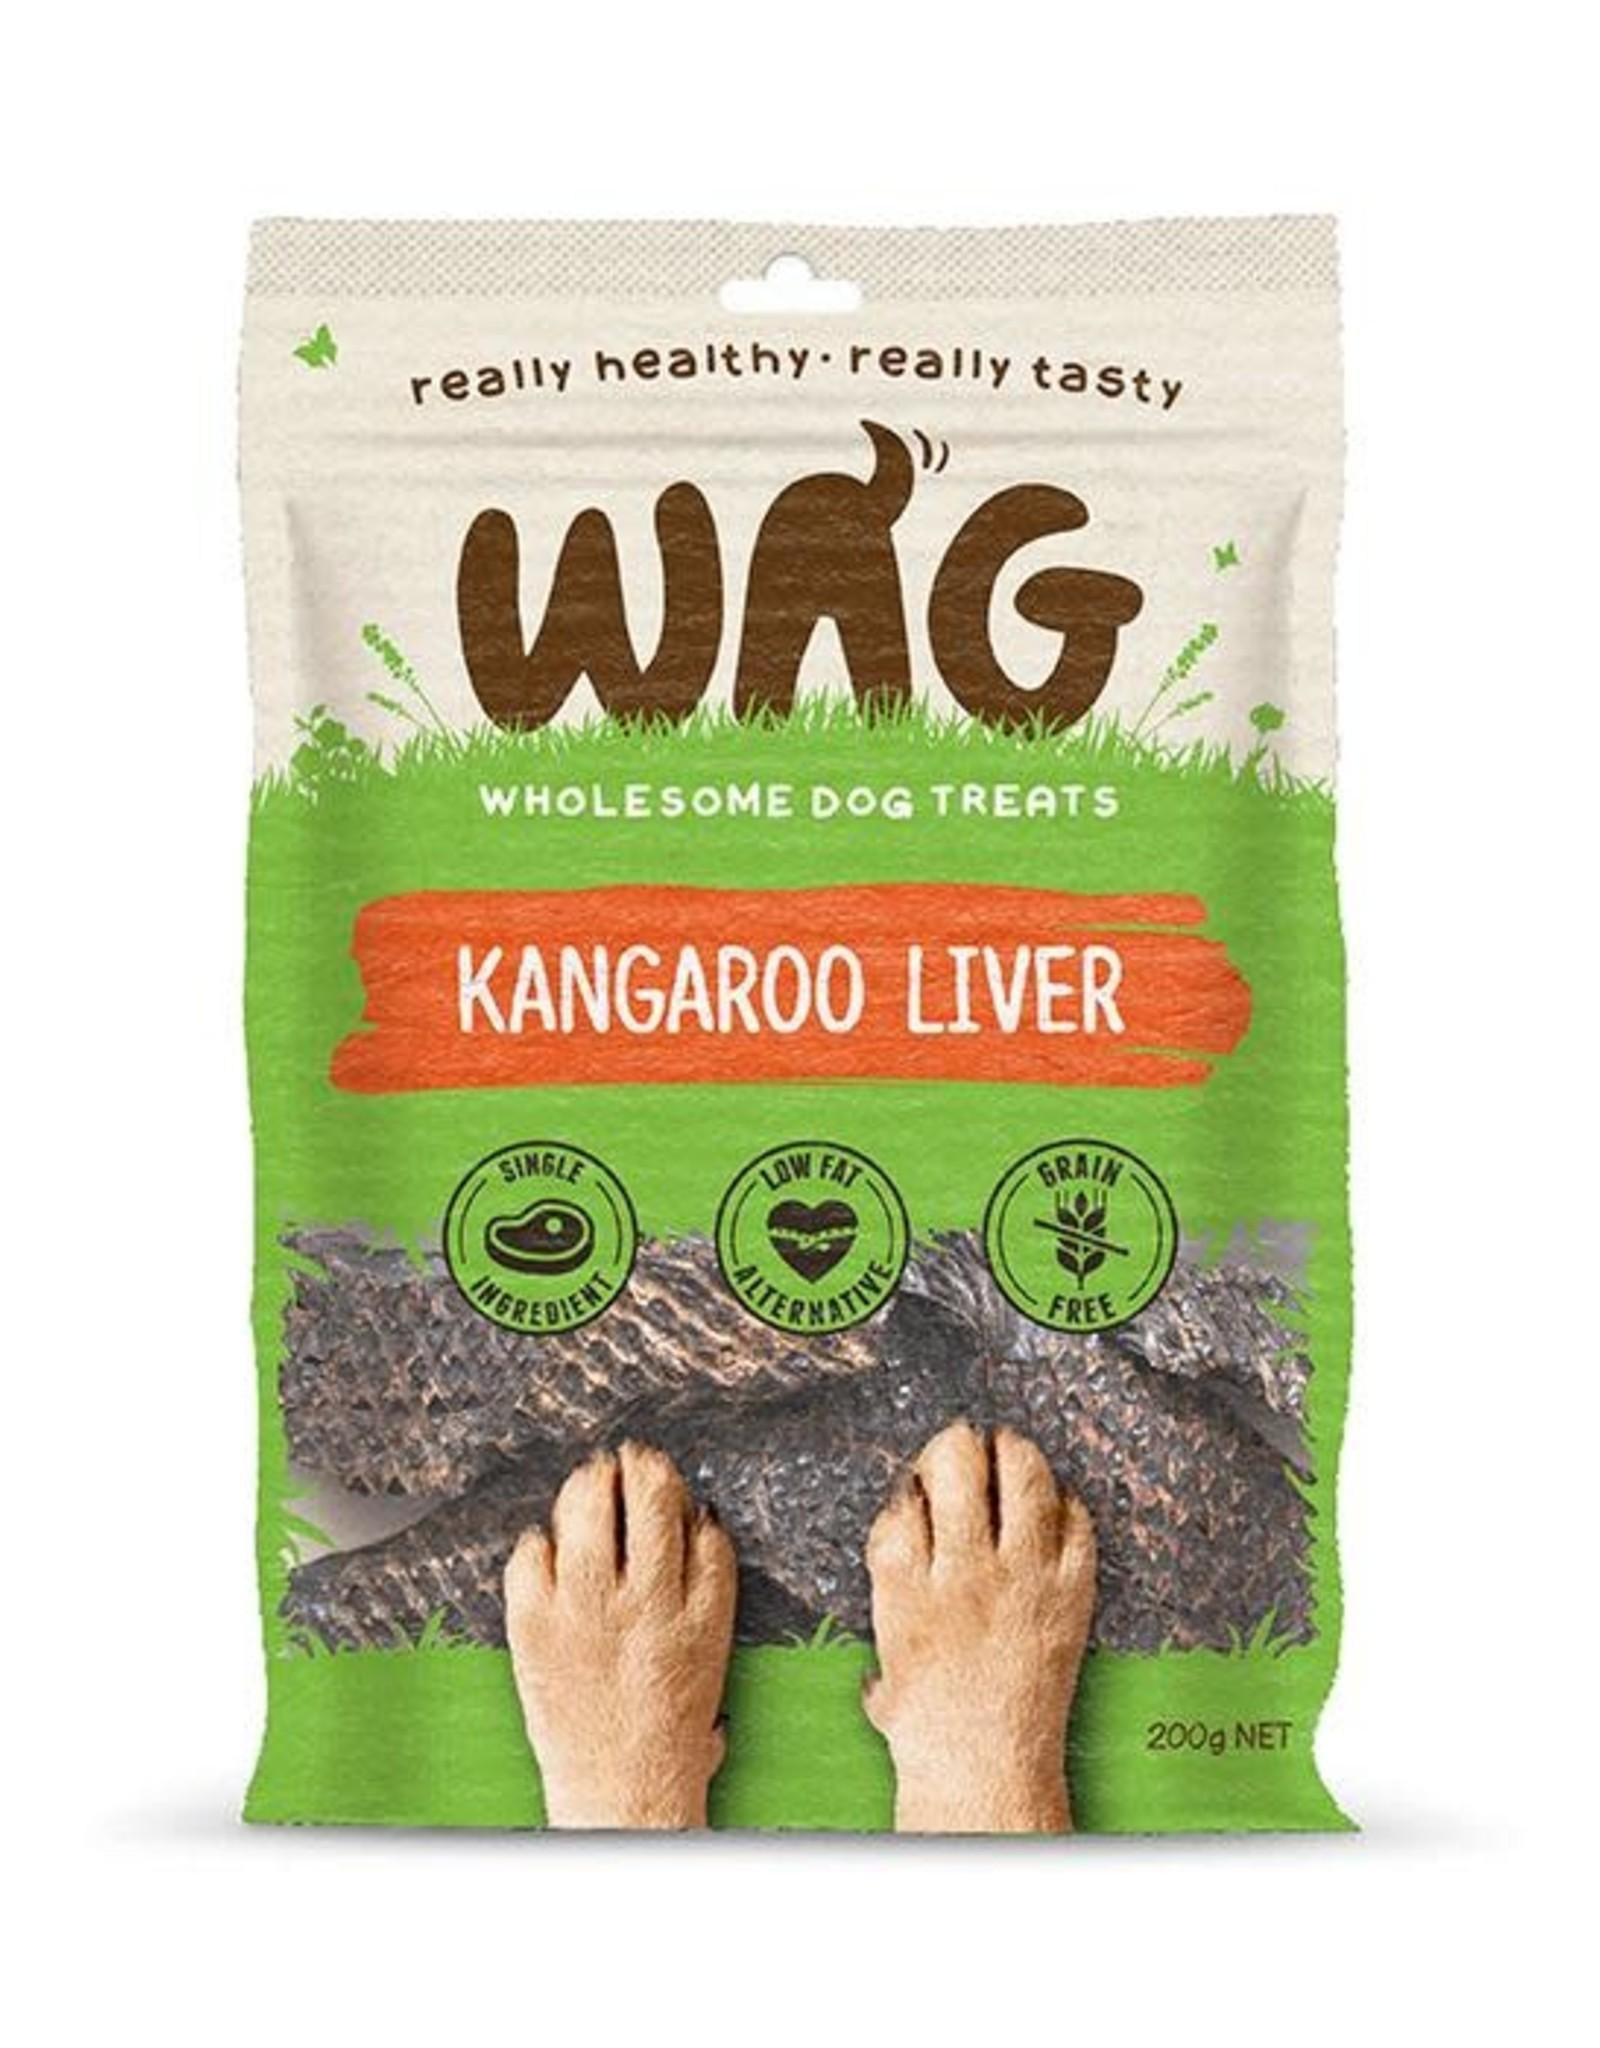 WAG WAG Kangaroo Liver